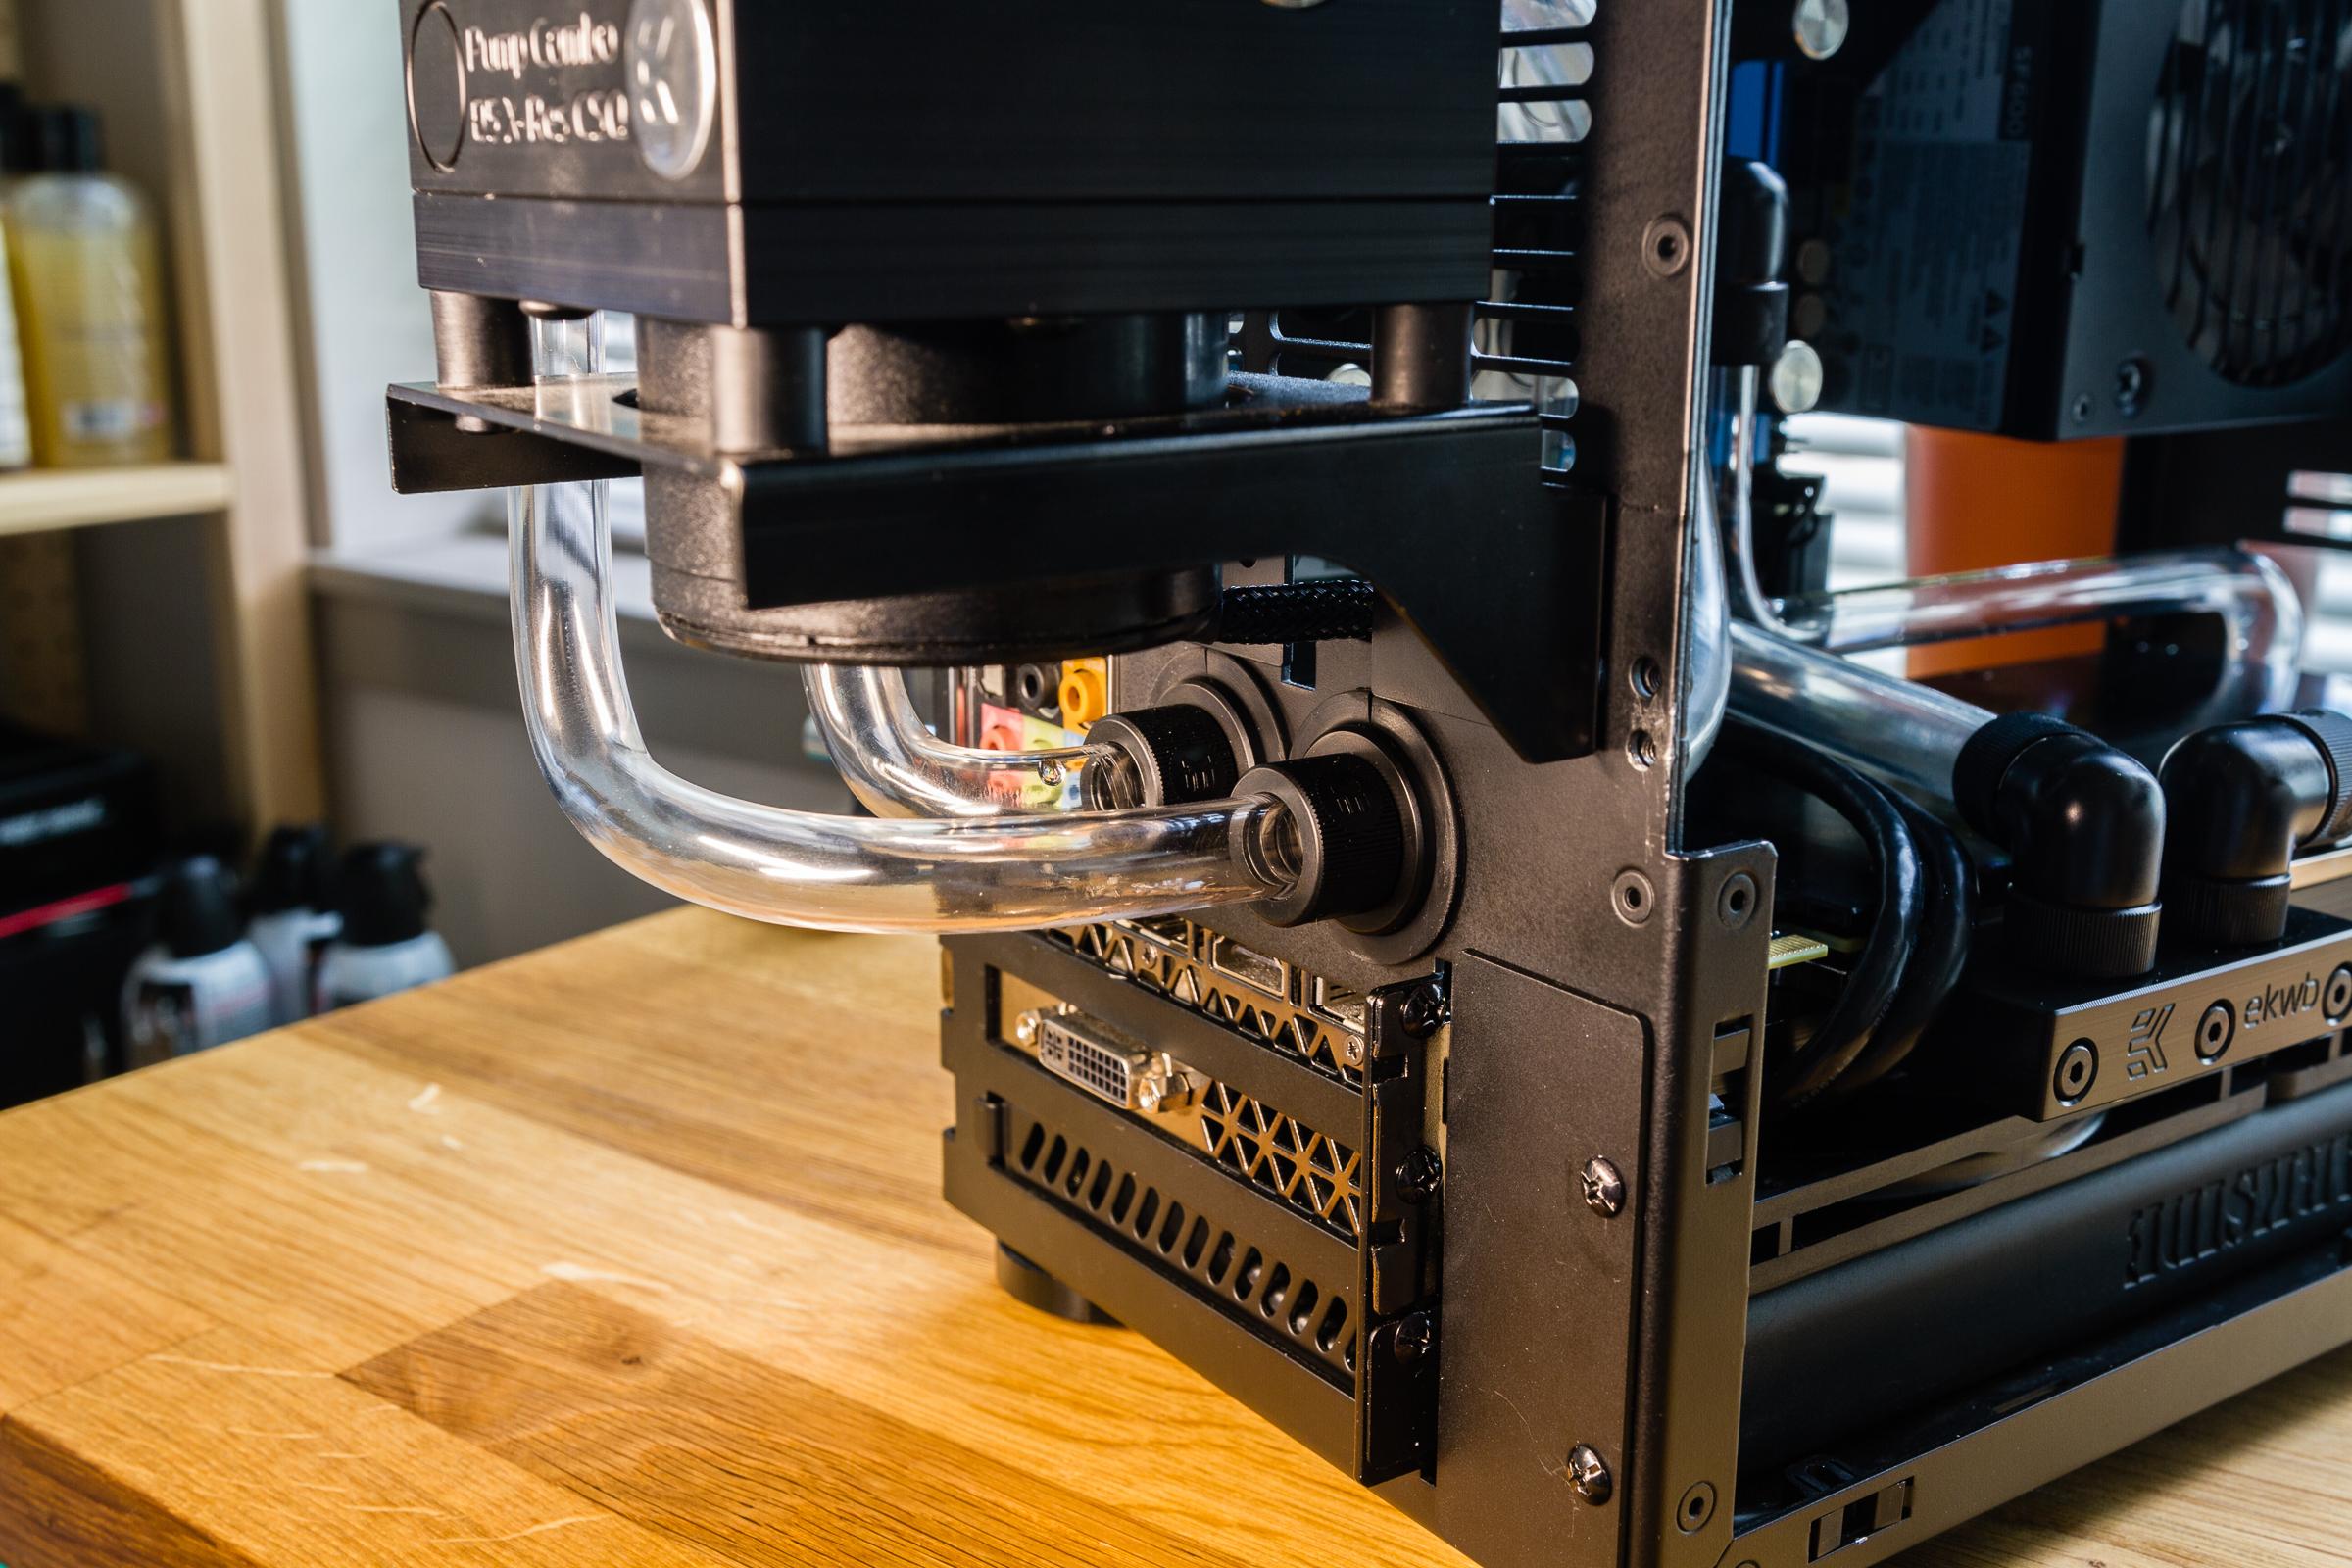 NCASE M1 Workstation Computer | 0x7D.com